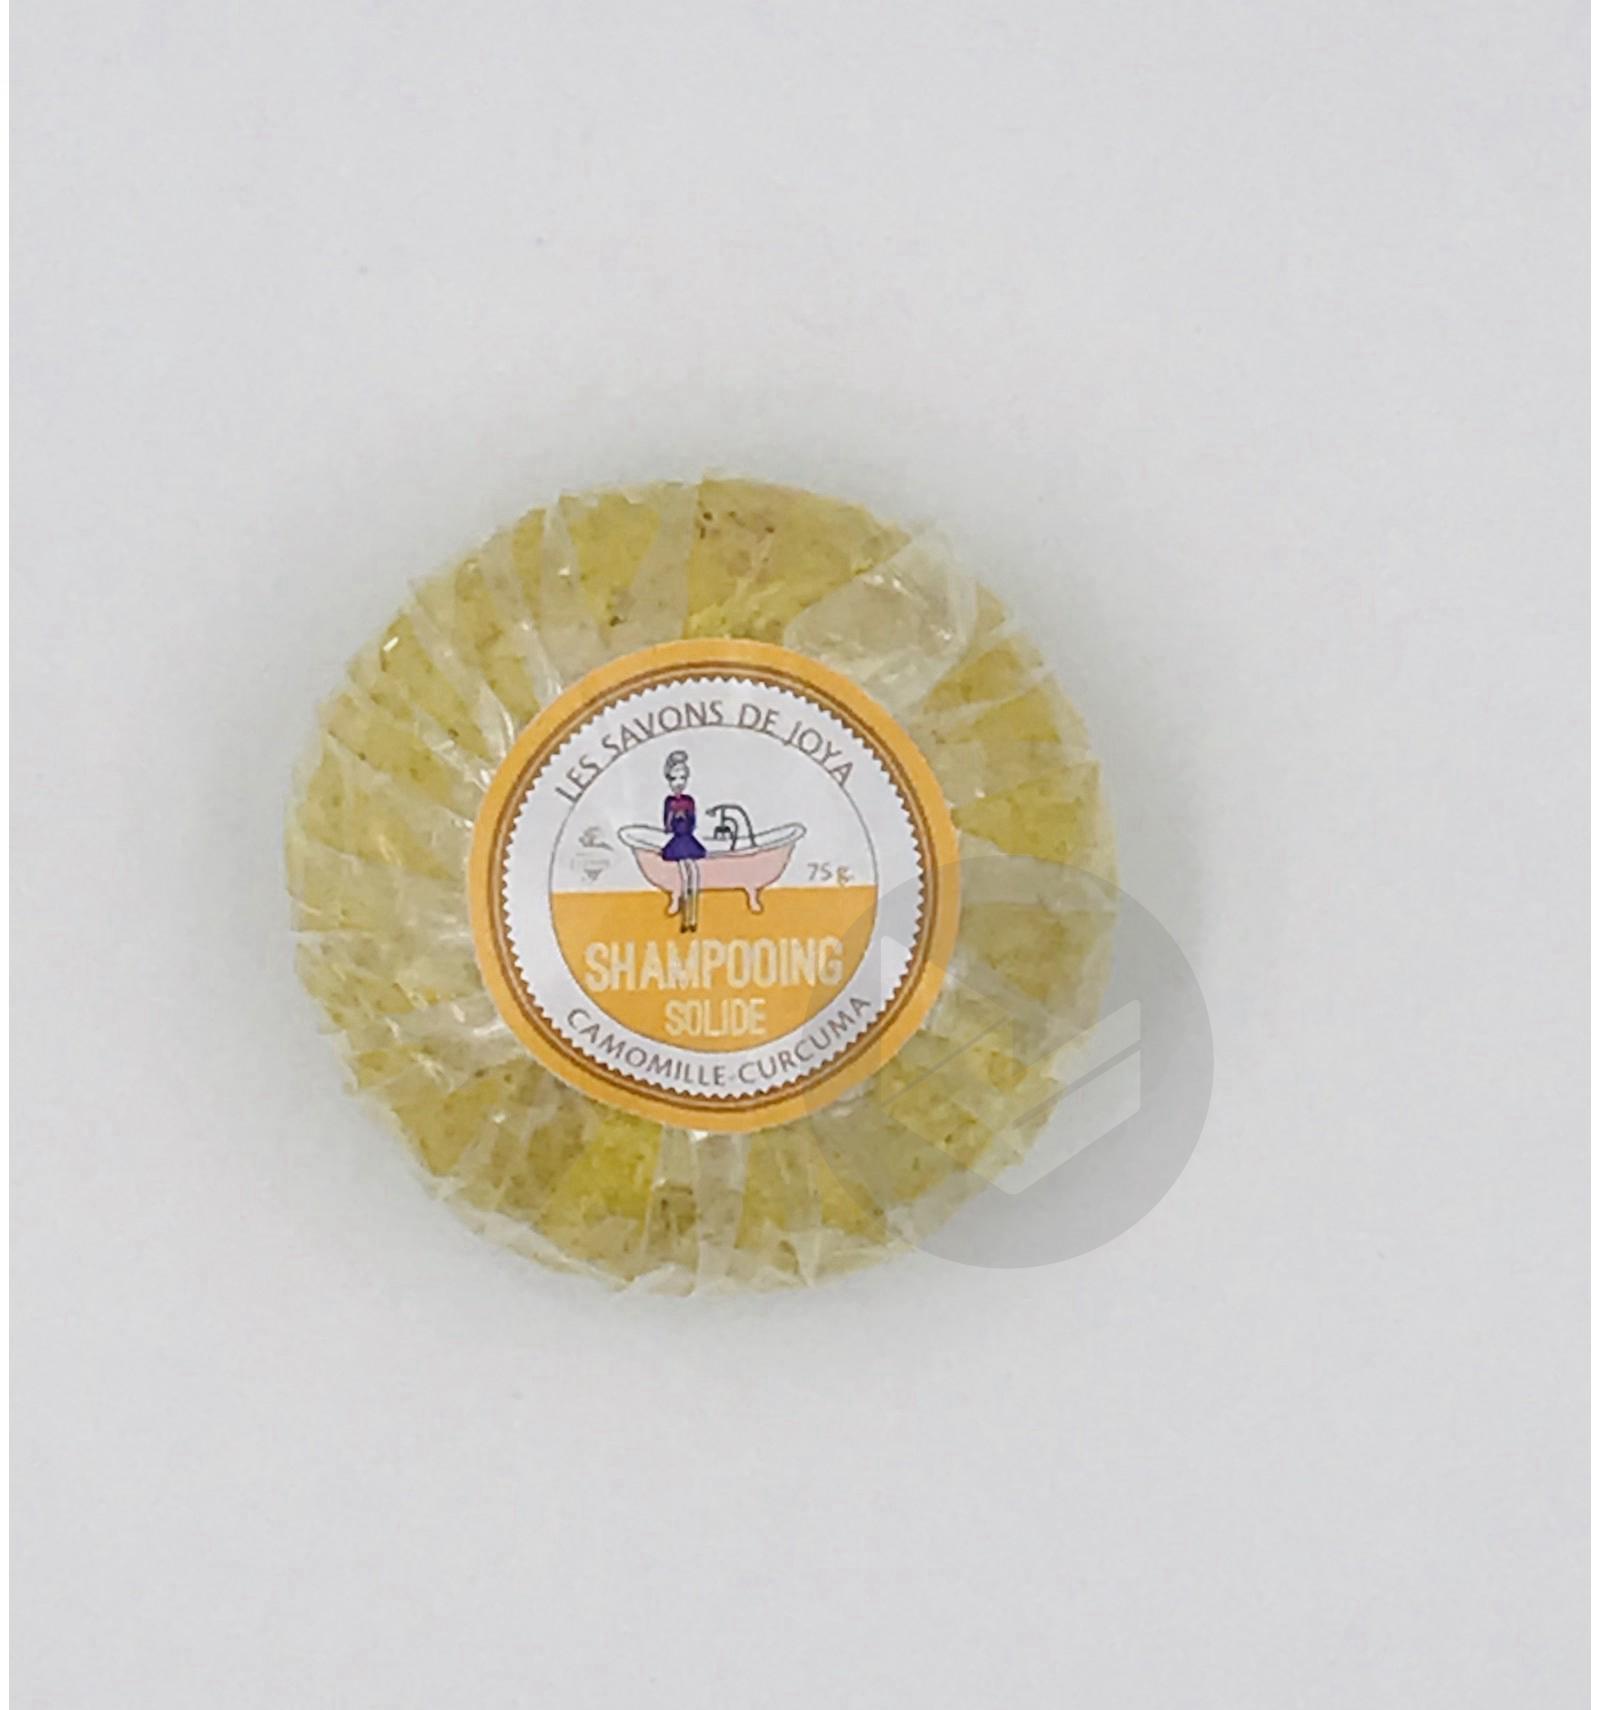 Shampooing Solide Camomille Curcuma